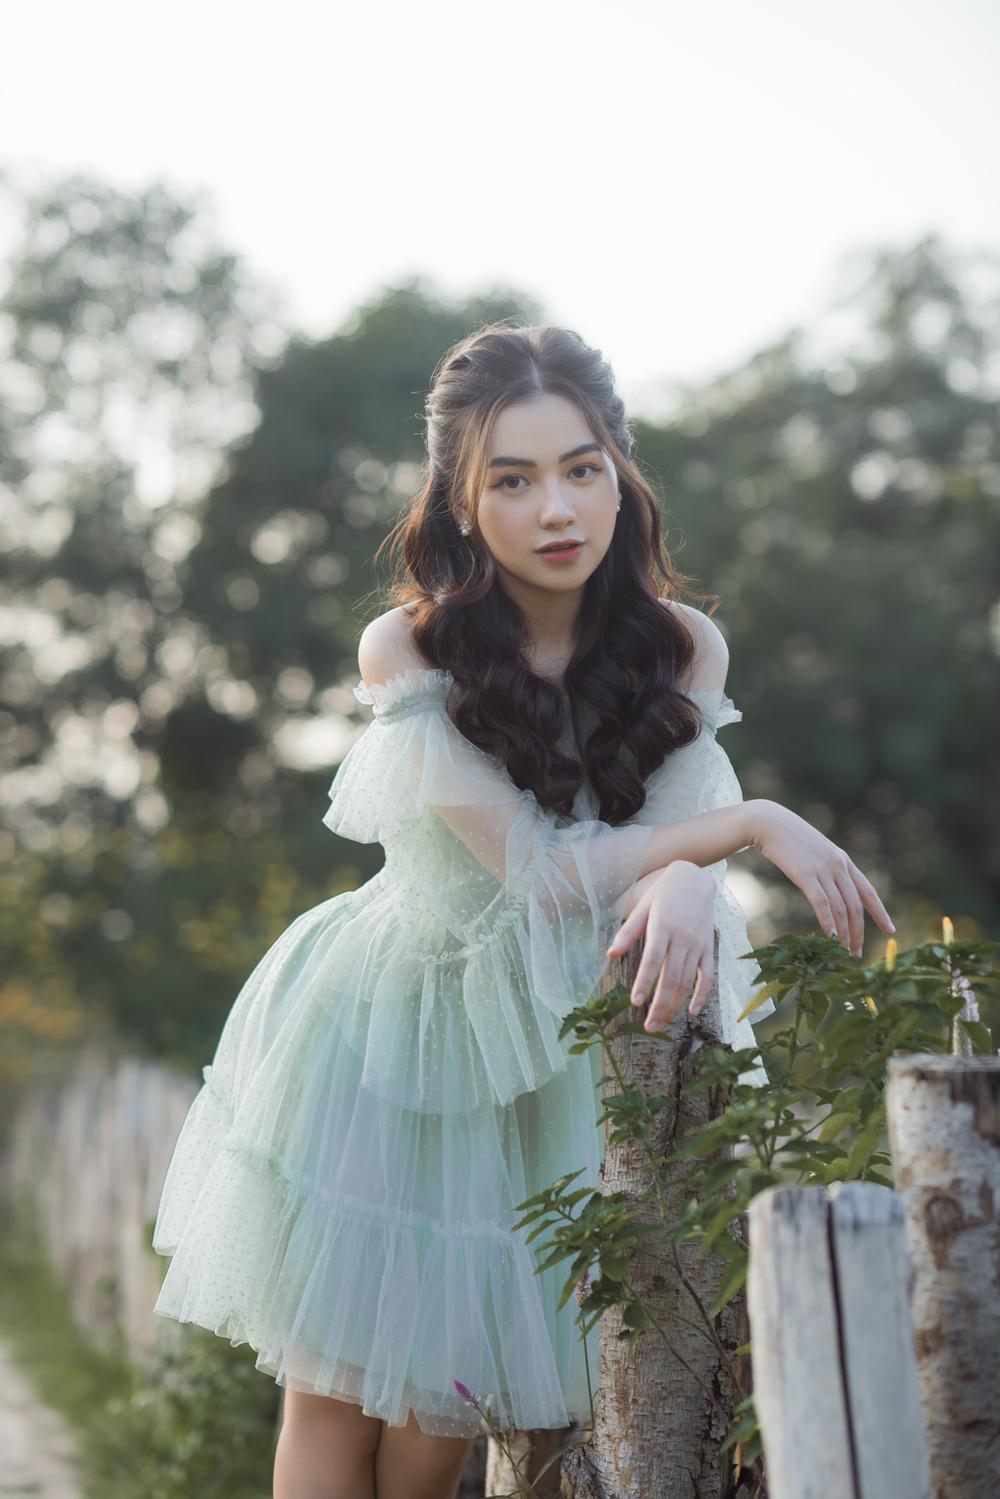 Nữ sinh ĐH Văn hóa nghệ thuật Quân đội với ngoại hình xinh đẹp, chia sẻ niềm đam mê đặc biệt với âm nhạc Ảnh 5